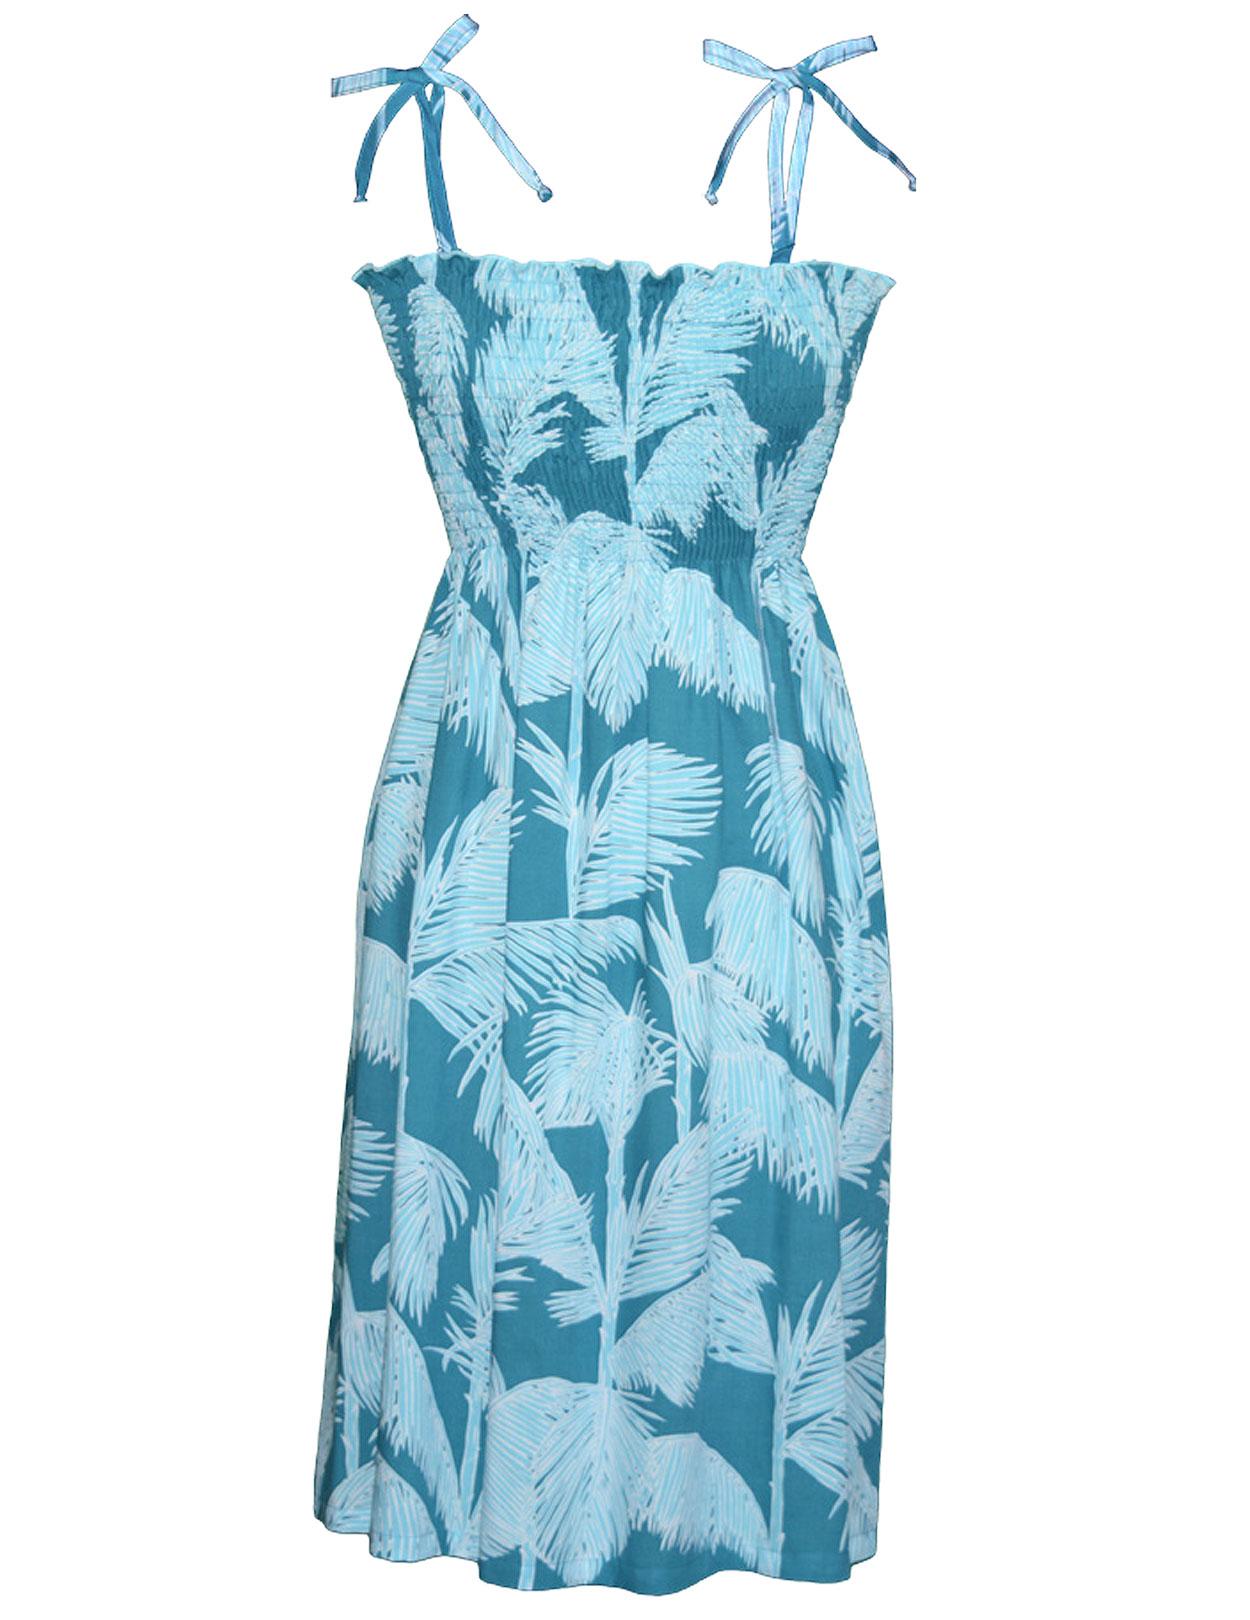 26bf38eb0474 Smock Top Short Rayon Dress Bahamas: Shaka Time Hawaii Clothing Store